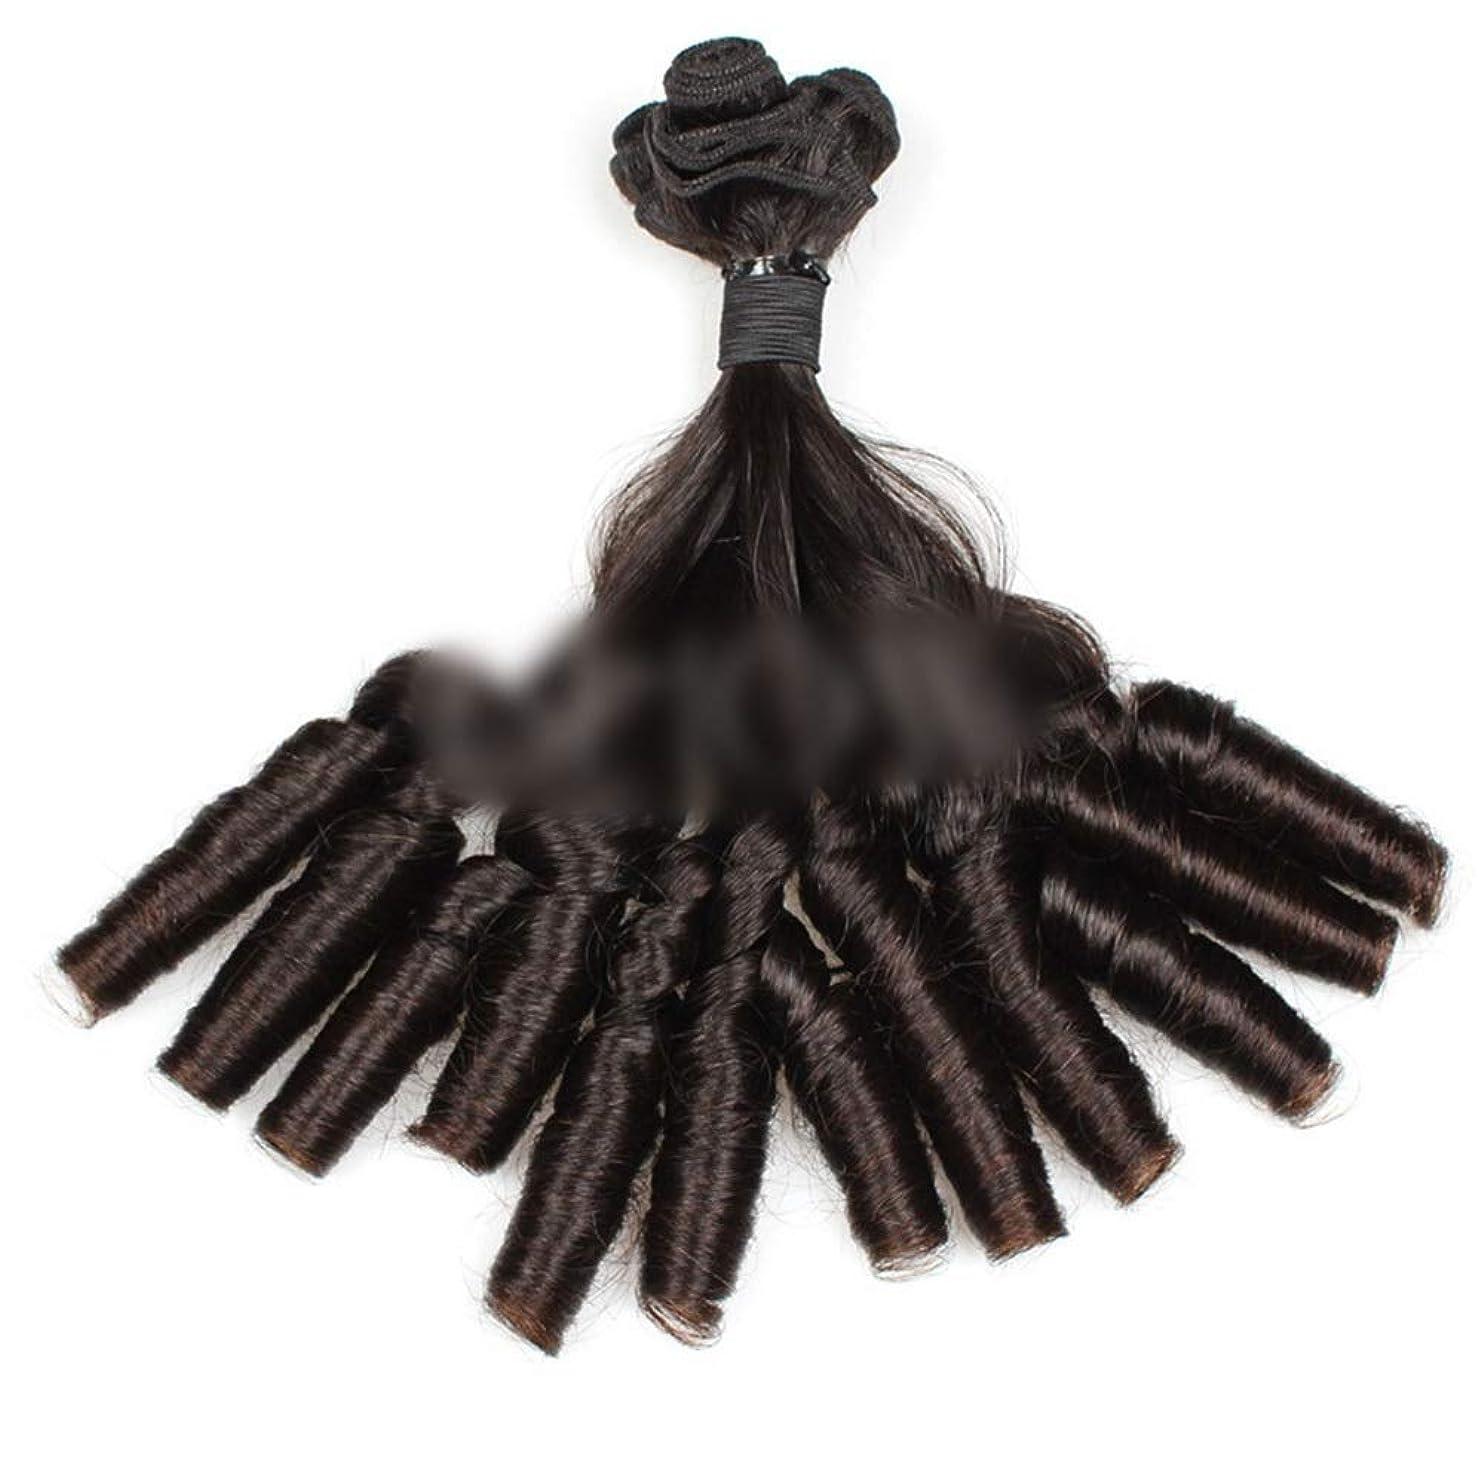 アンペア聖域精通したYESONEEP 10AブラジルFunmiヘアバンドルショートボブスタイルカーリー織りルースウェーブヘアロールプレイングかつら女性のかつら (色 : 黒, サイズ : 12 inch)